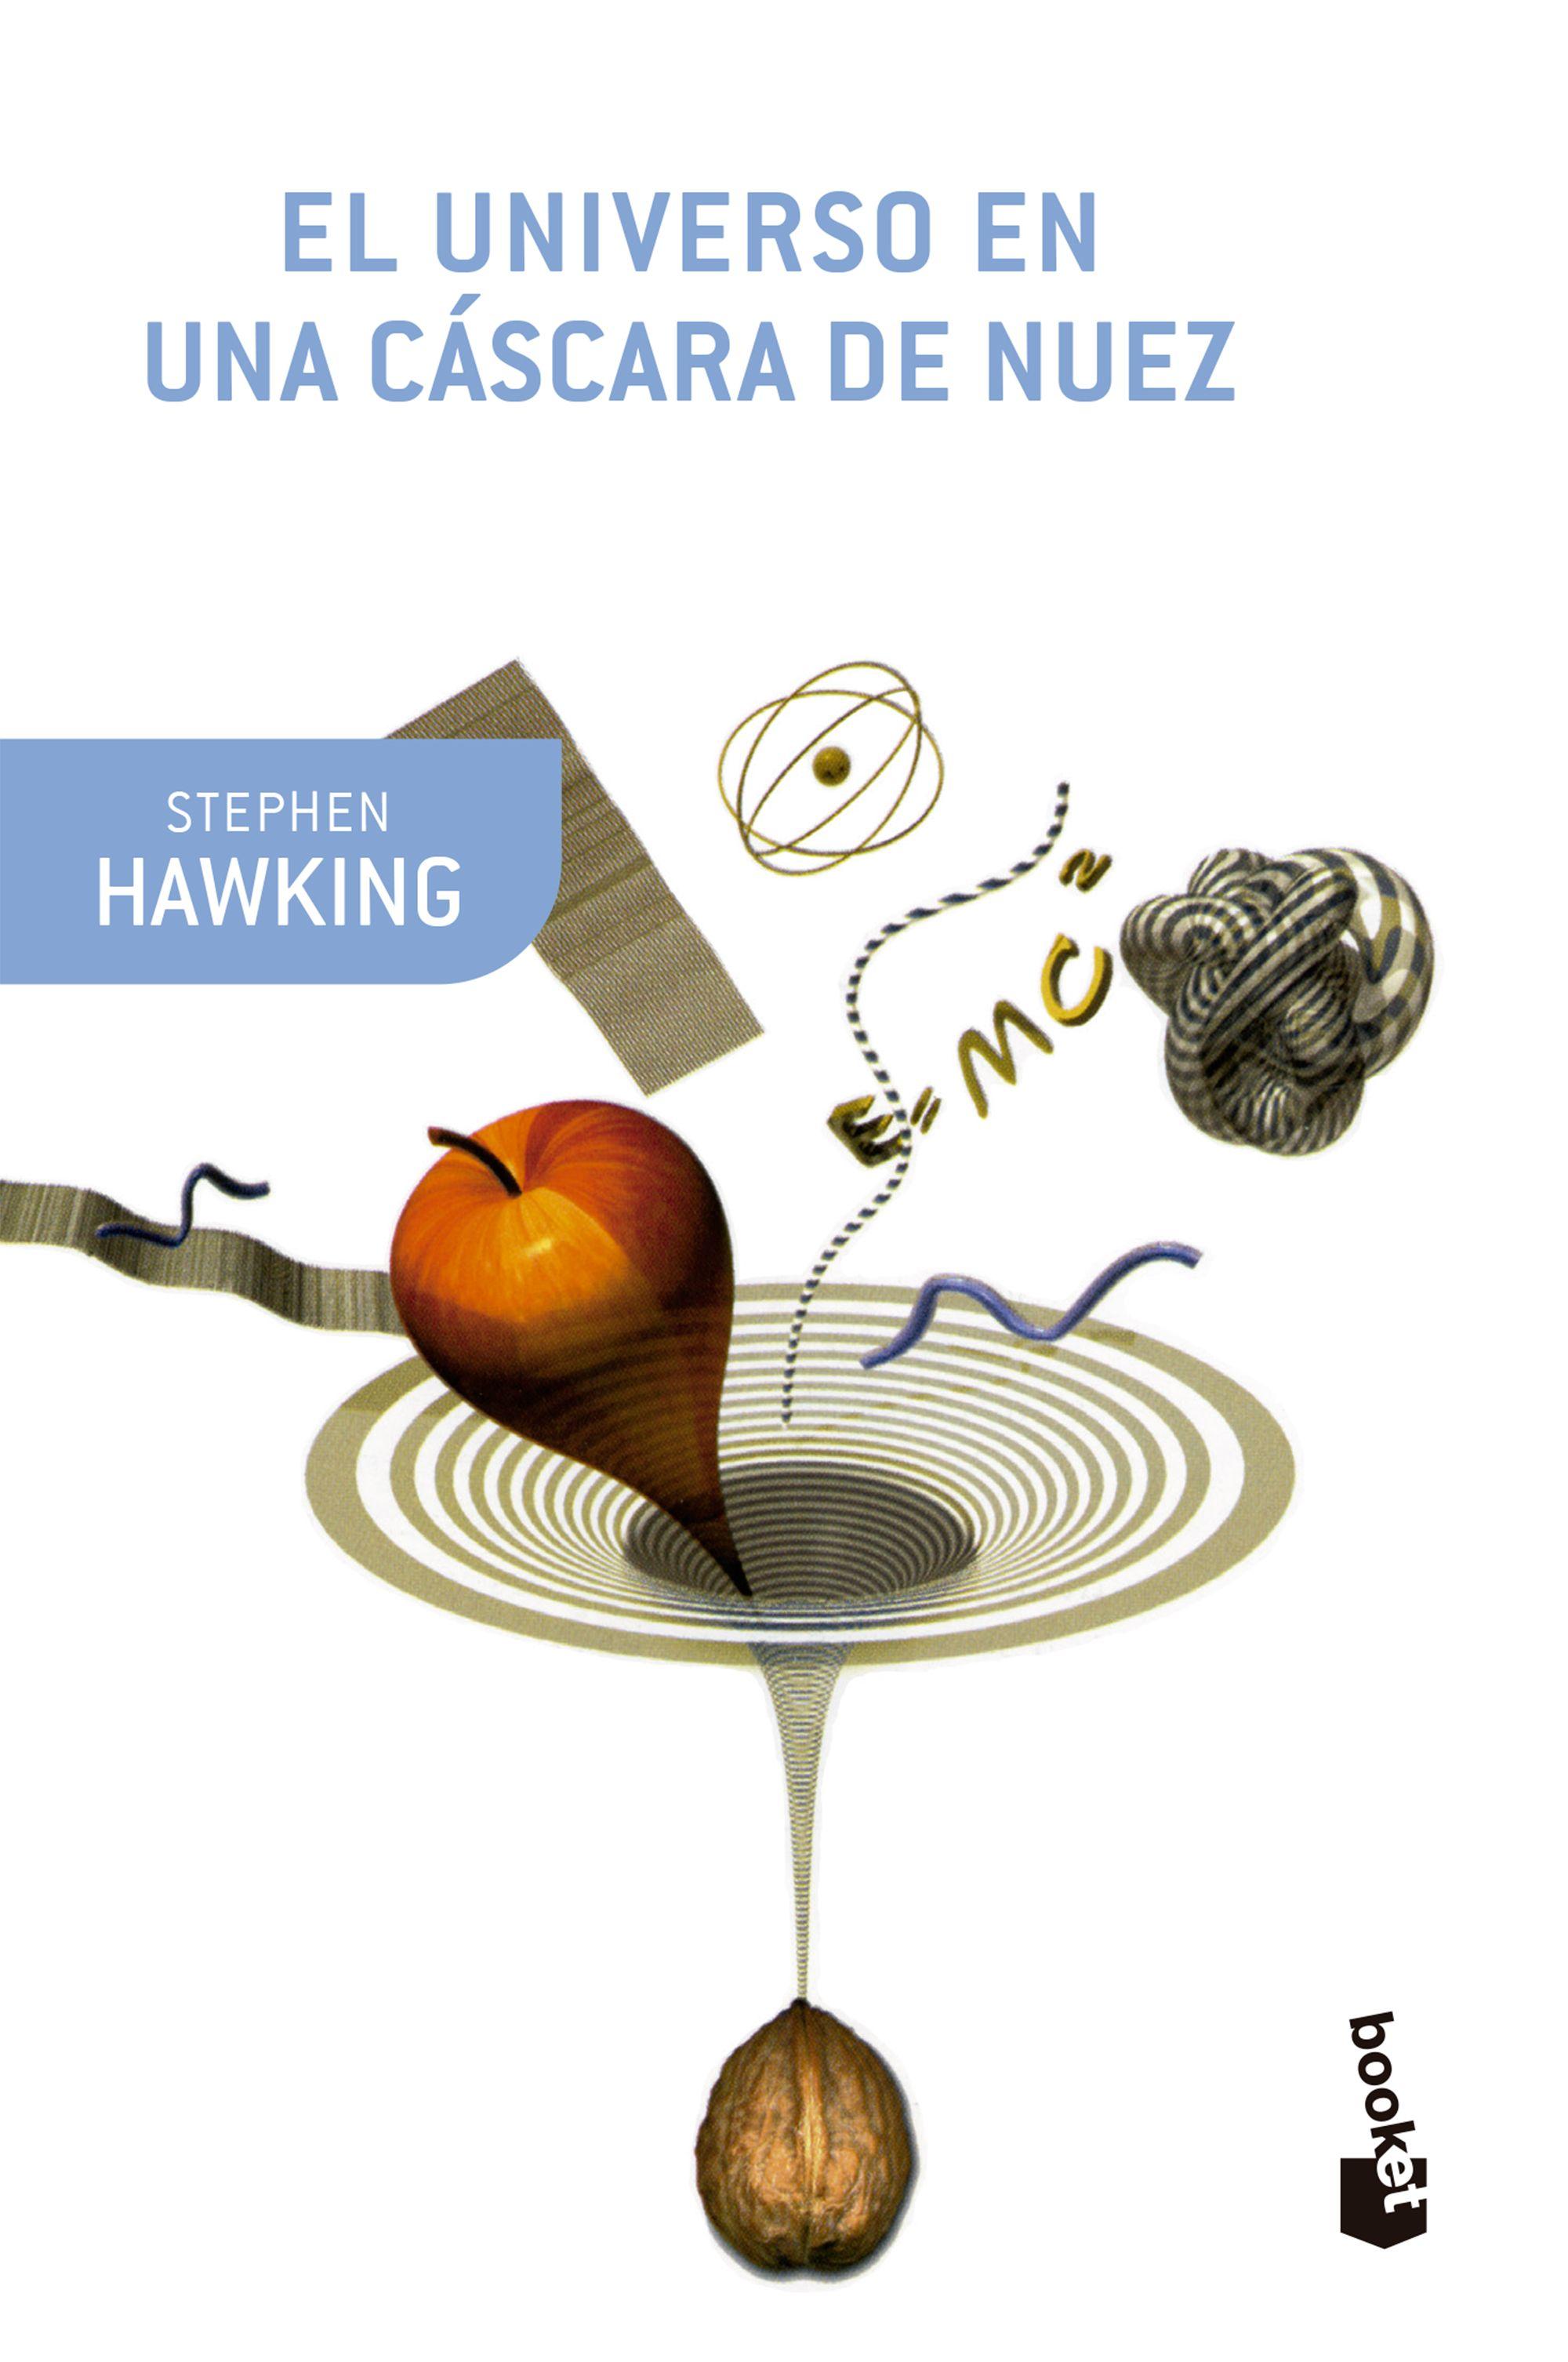 El Universo en una Cascara de Nuez - Stephen Hawking - Booket